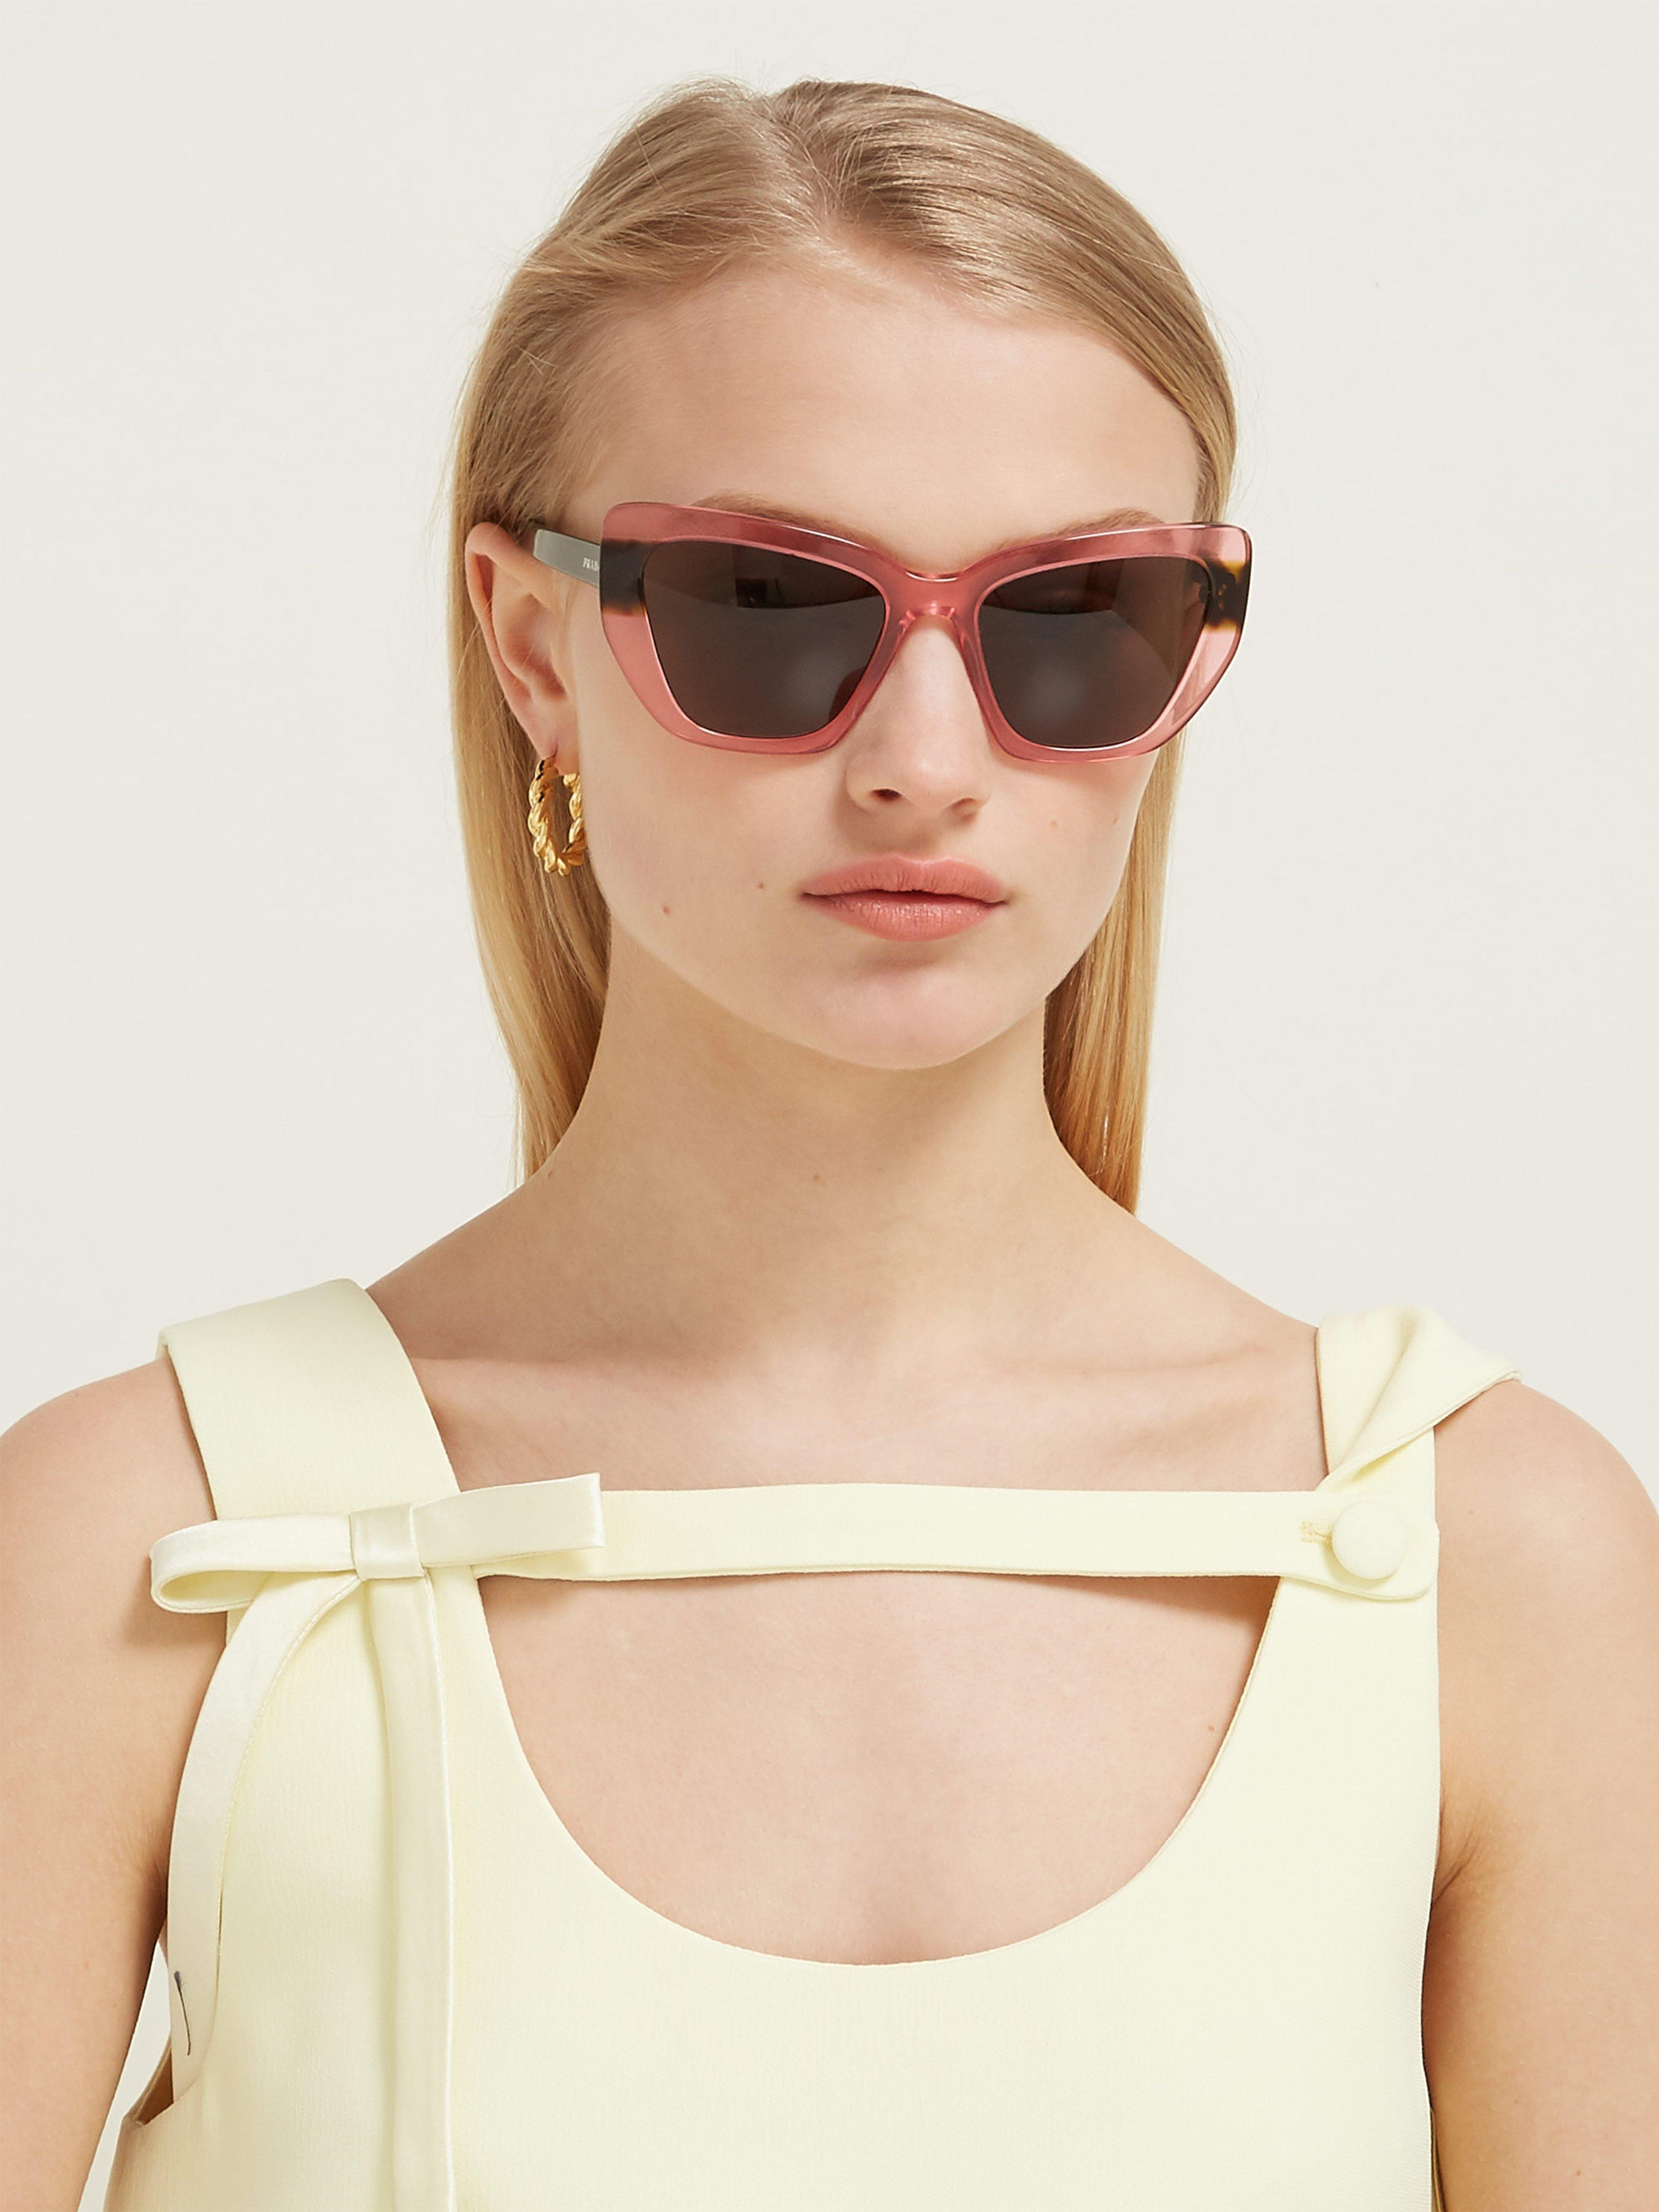 87c26a21376 Prada Winged Cat Eye Acetate Sunglasses in Pink - Lyst